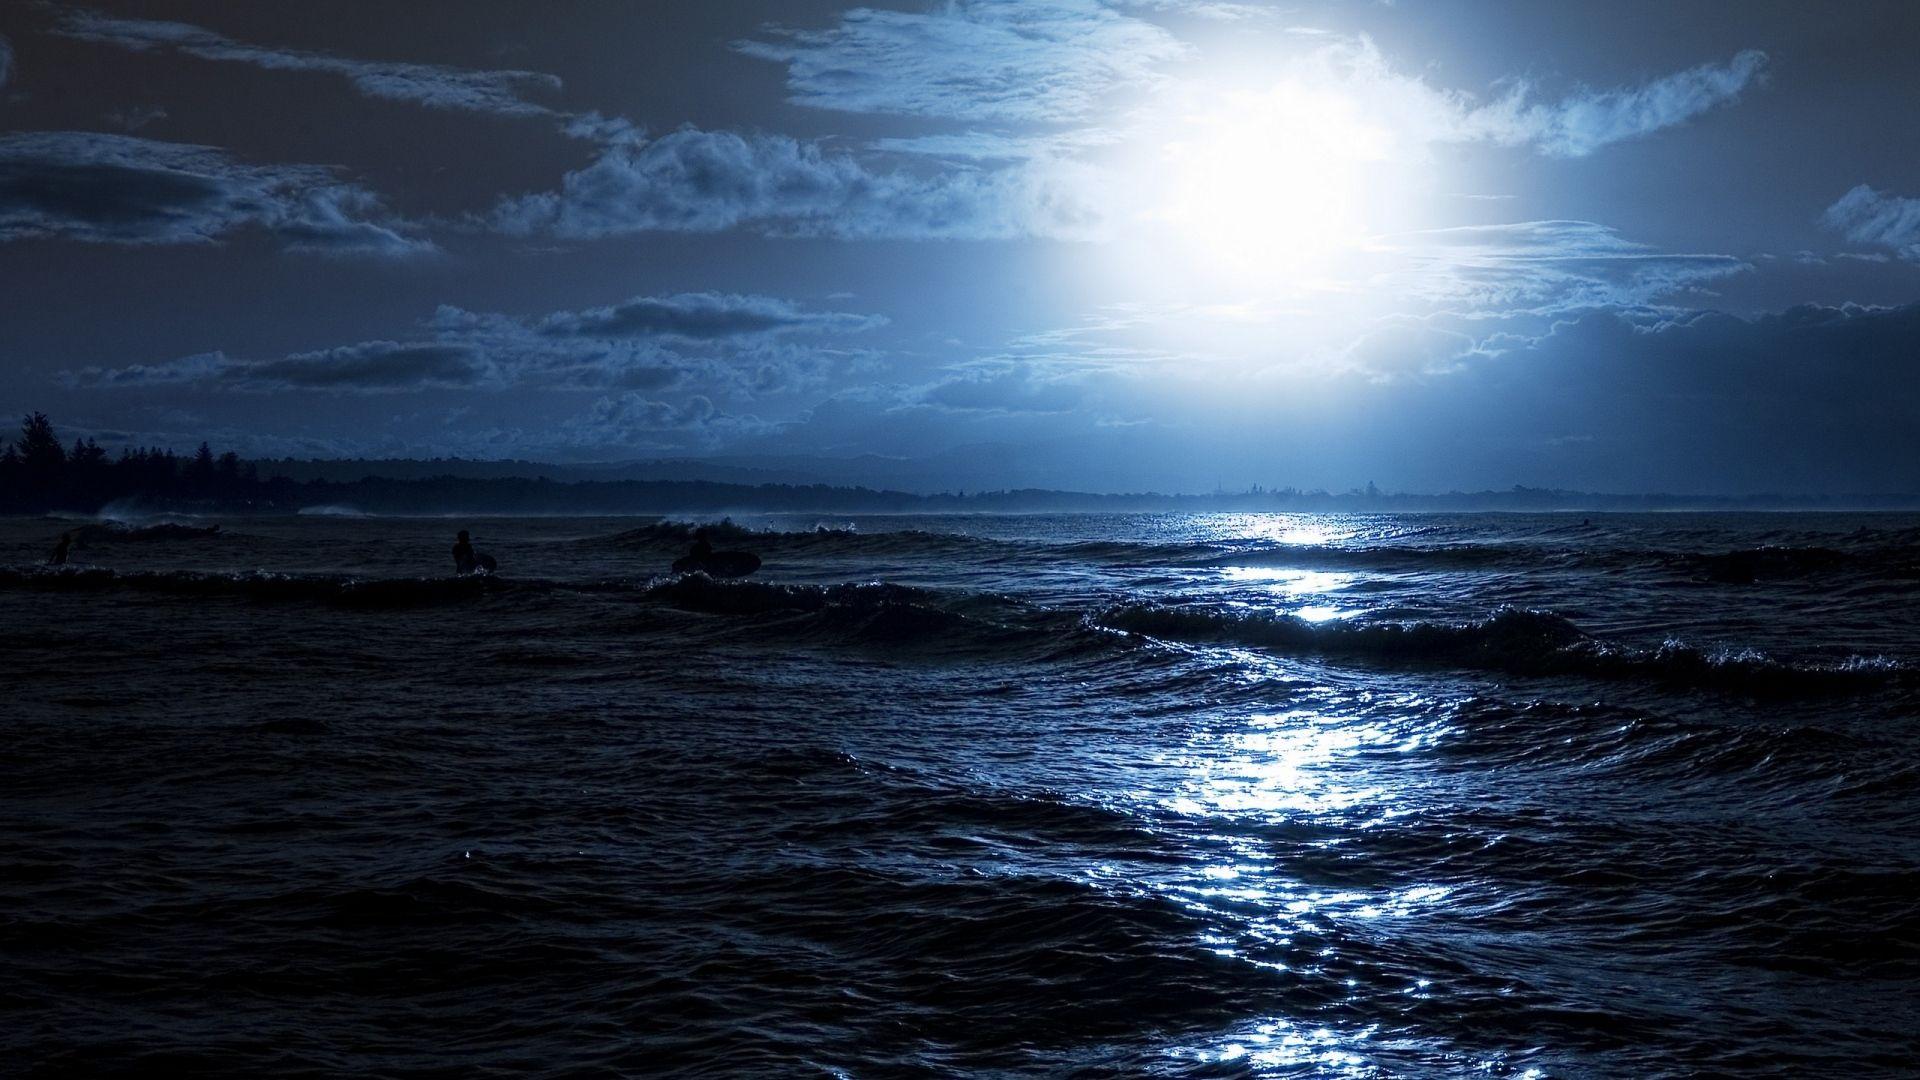 Download Wallpaper 1920x1080 Moon, Night, Ocean, Coast